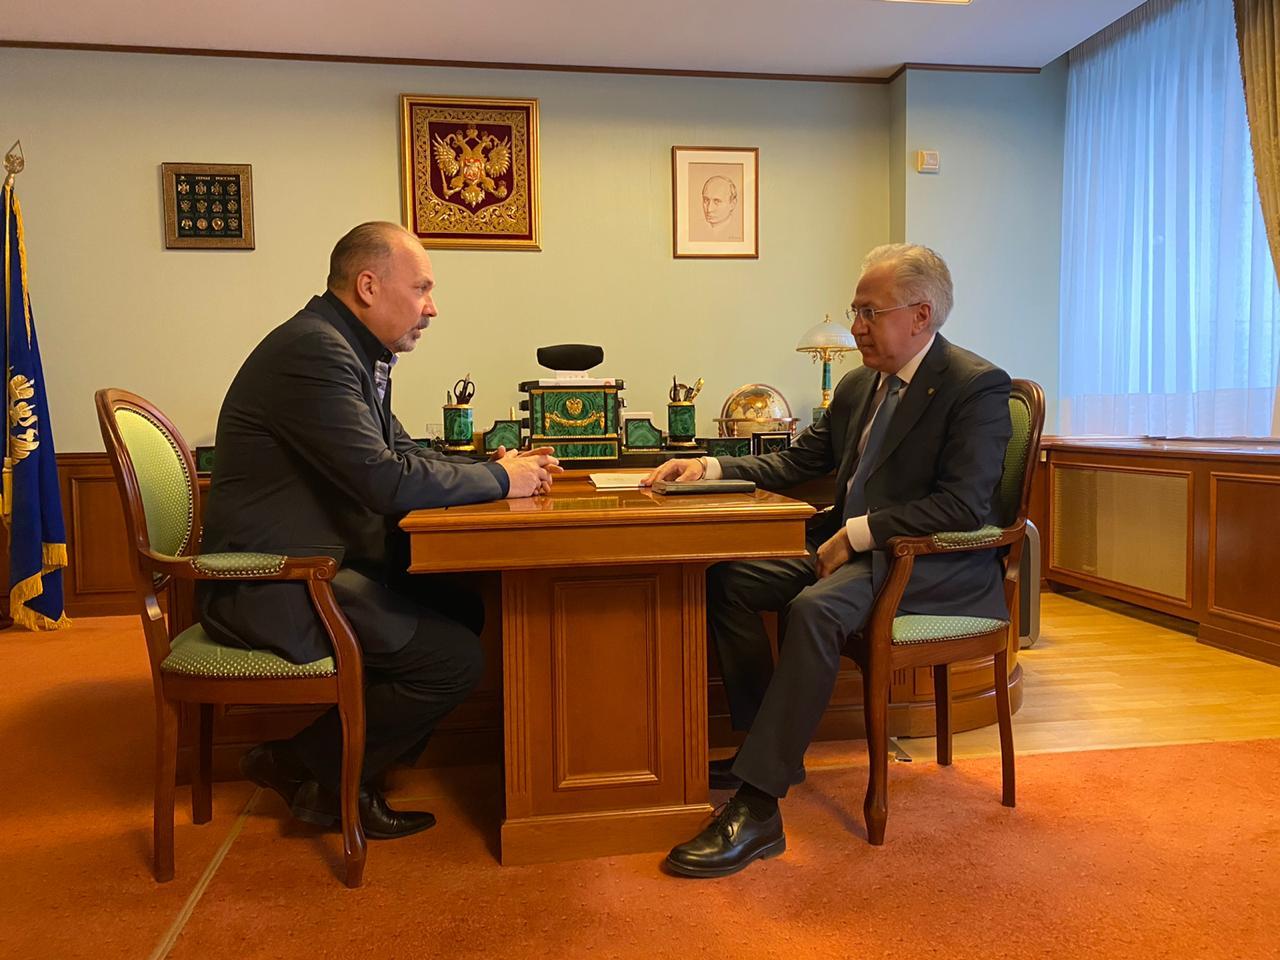 Рабочая встреча Михаила Меня и Рашида Исмаилова